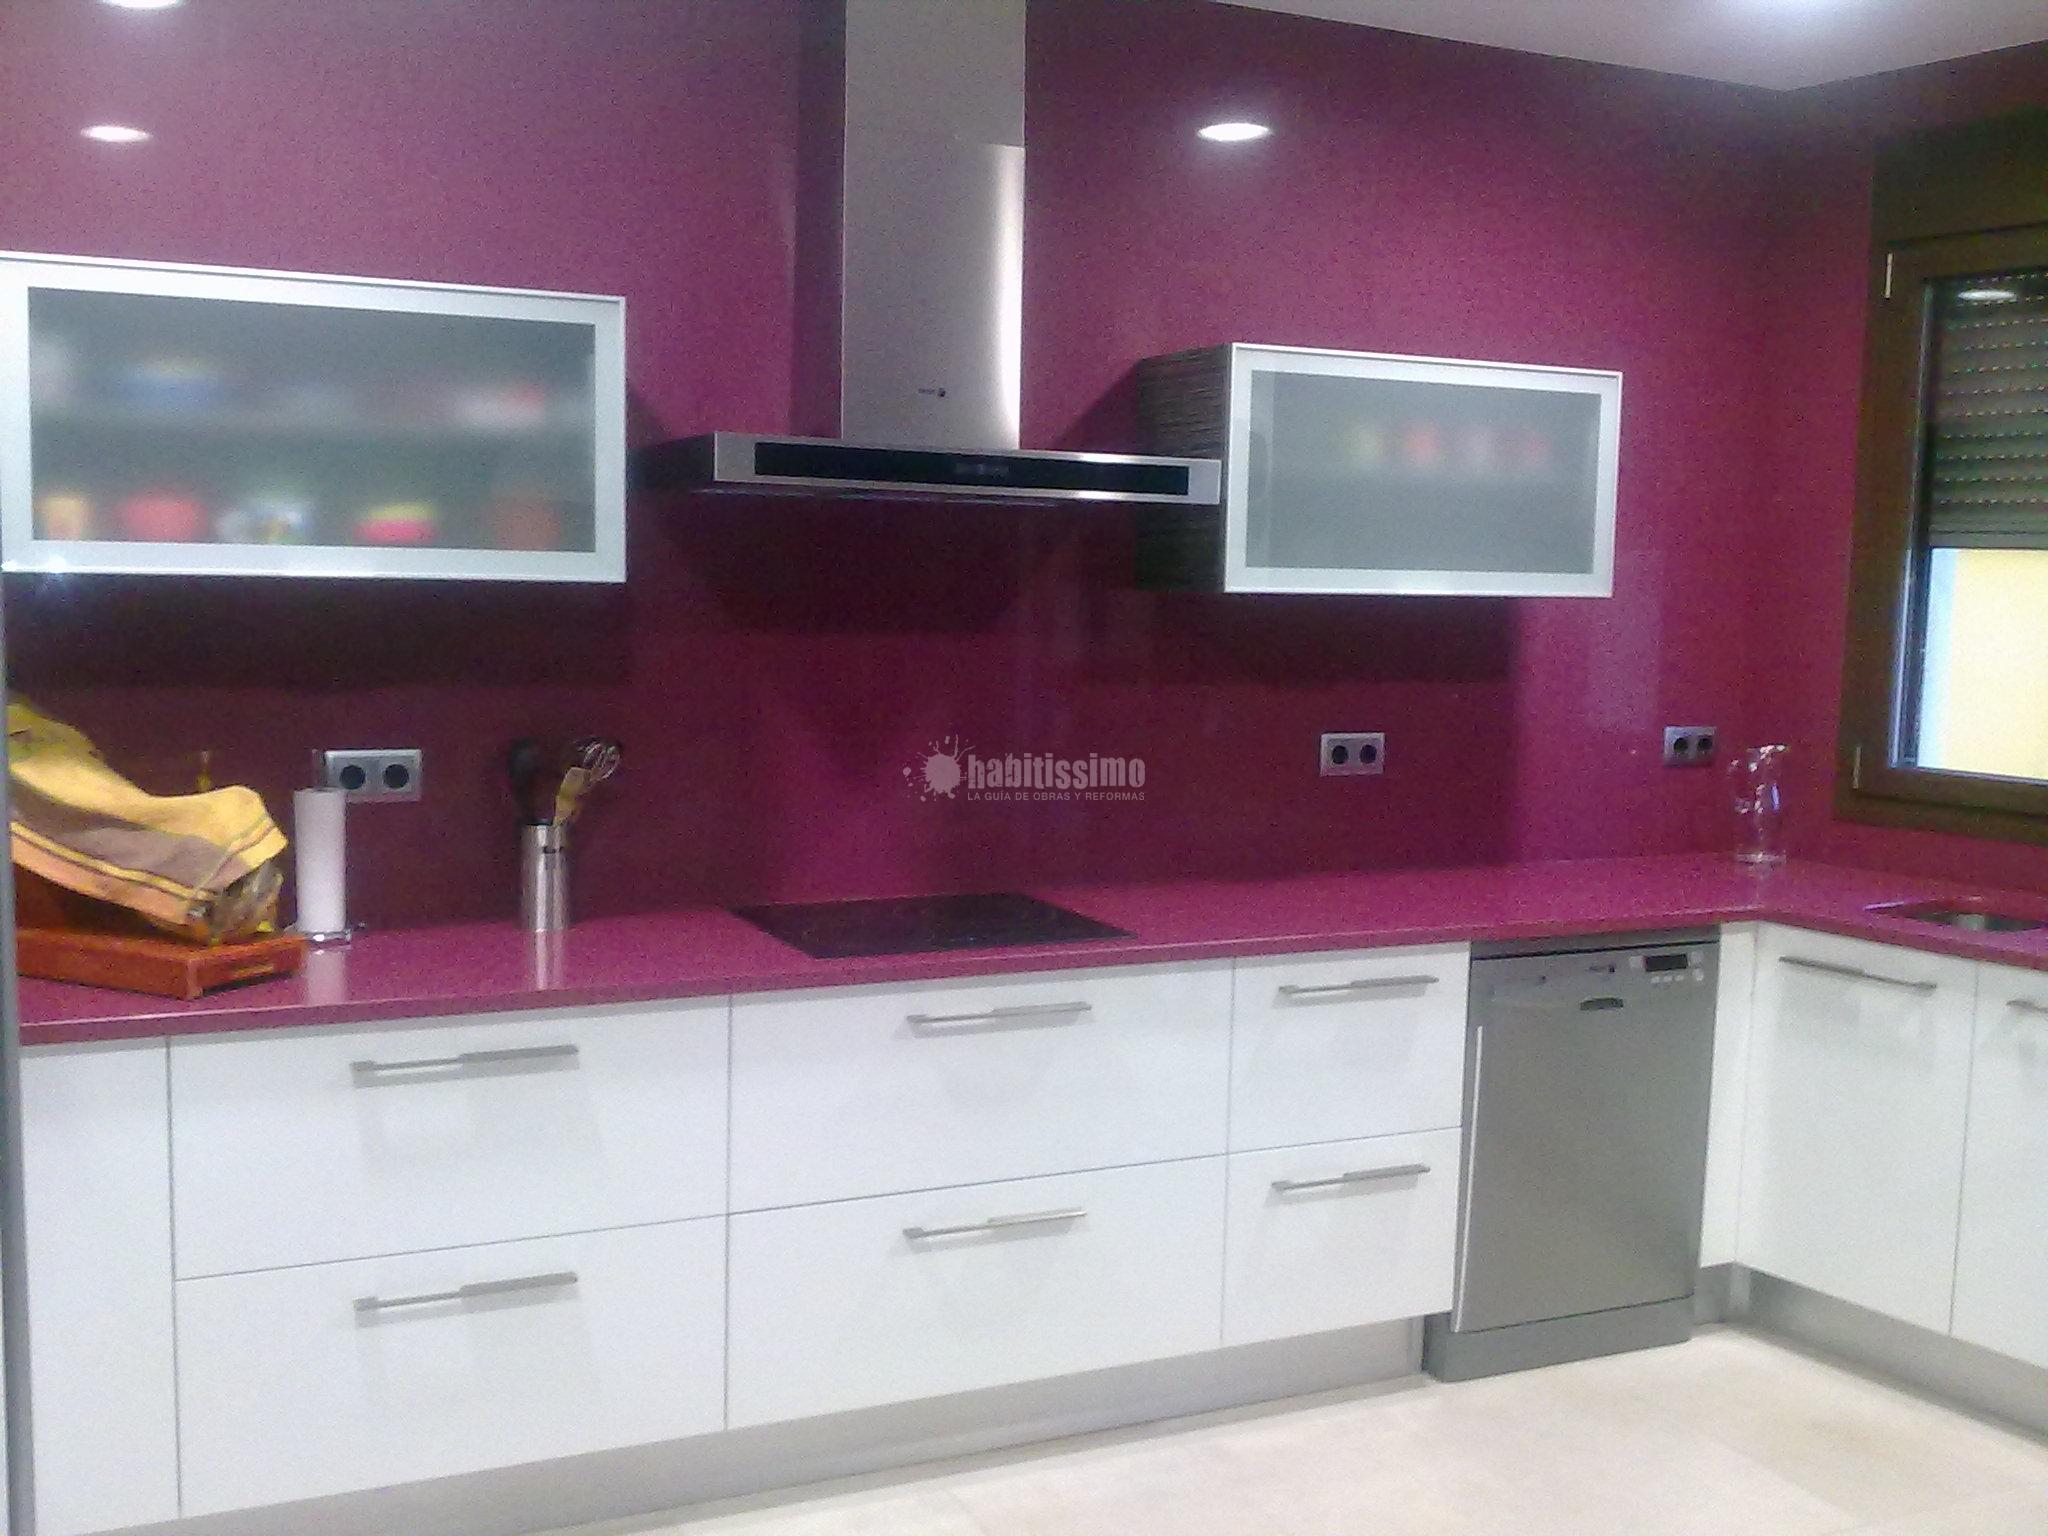 Revestimiento de pared de cocina y fogon de gas google - Revestimientos para paredes de cocina ...